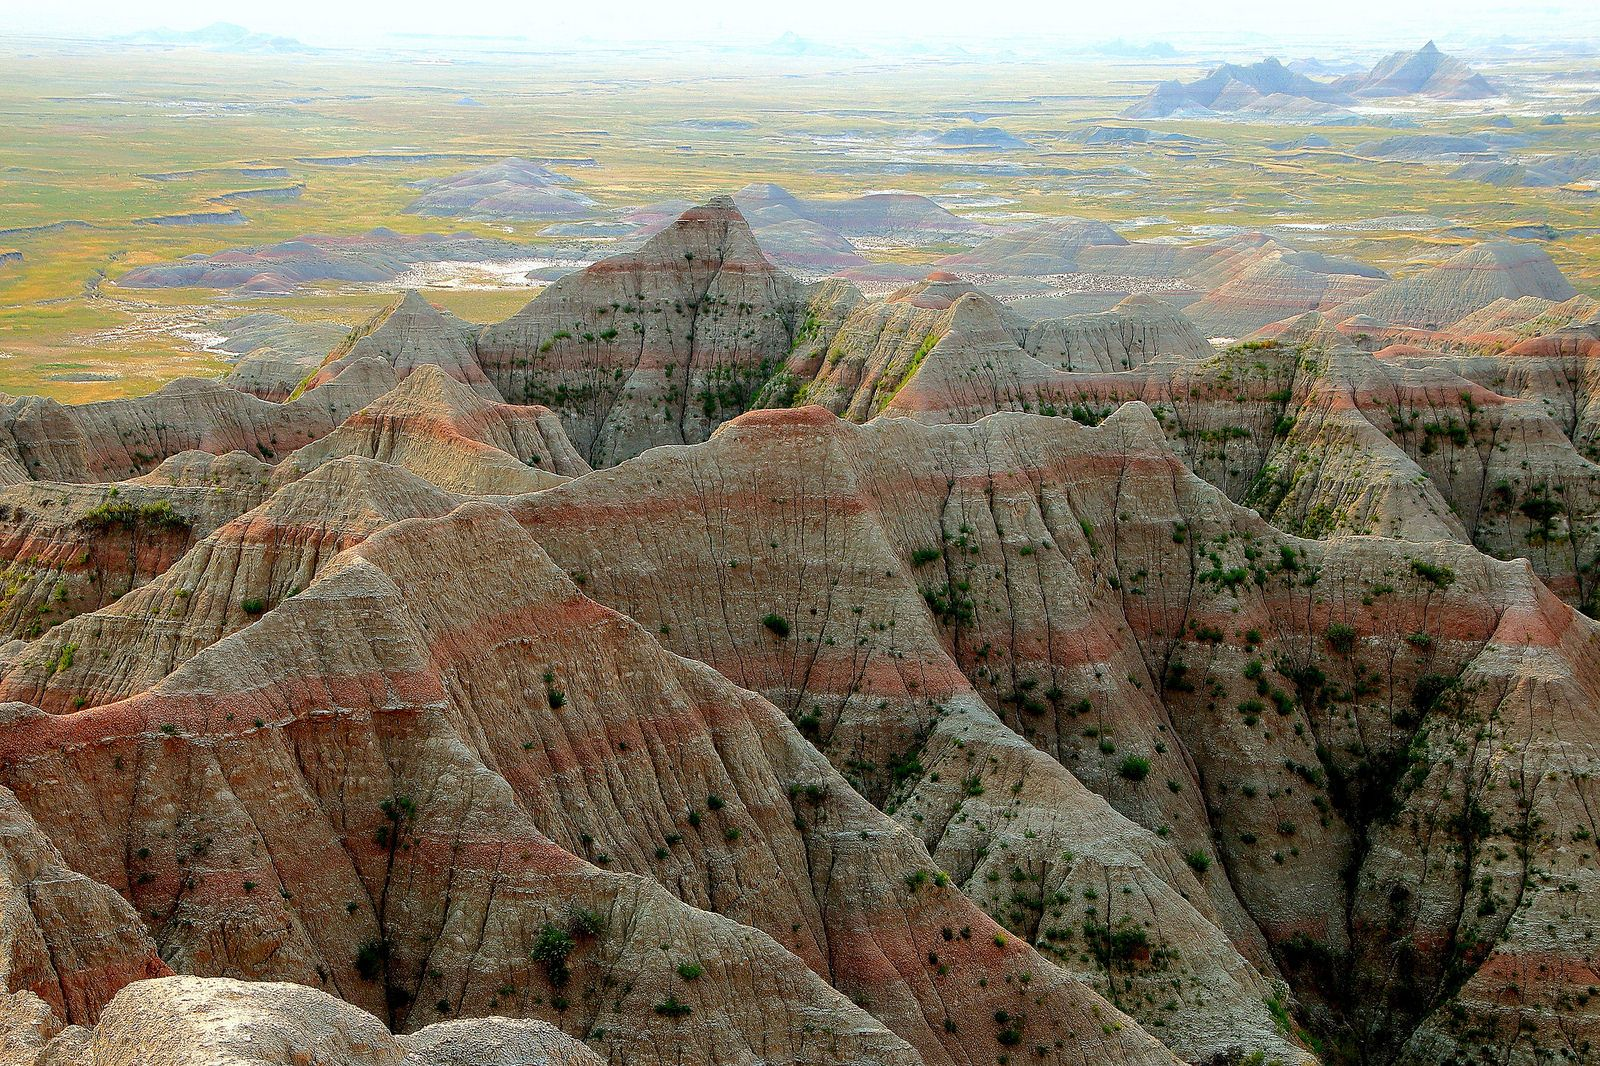 Геологические скальные образования Южной Дакоты